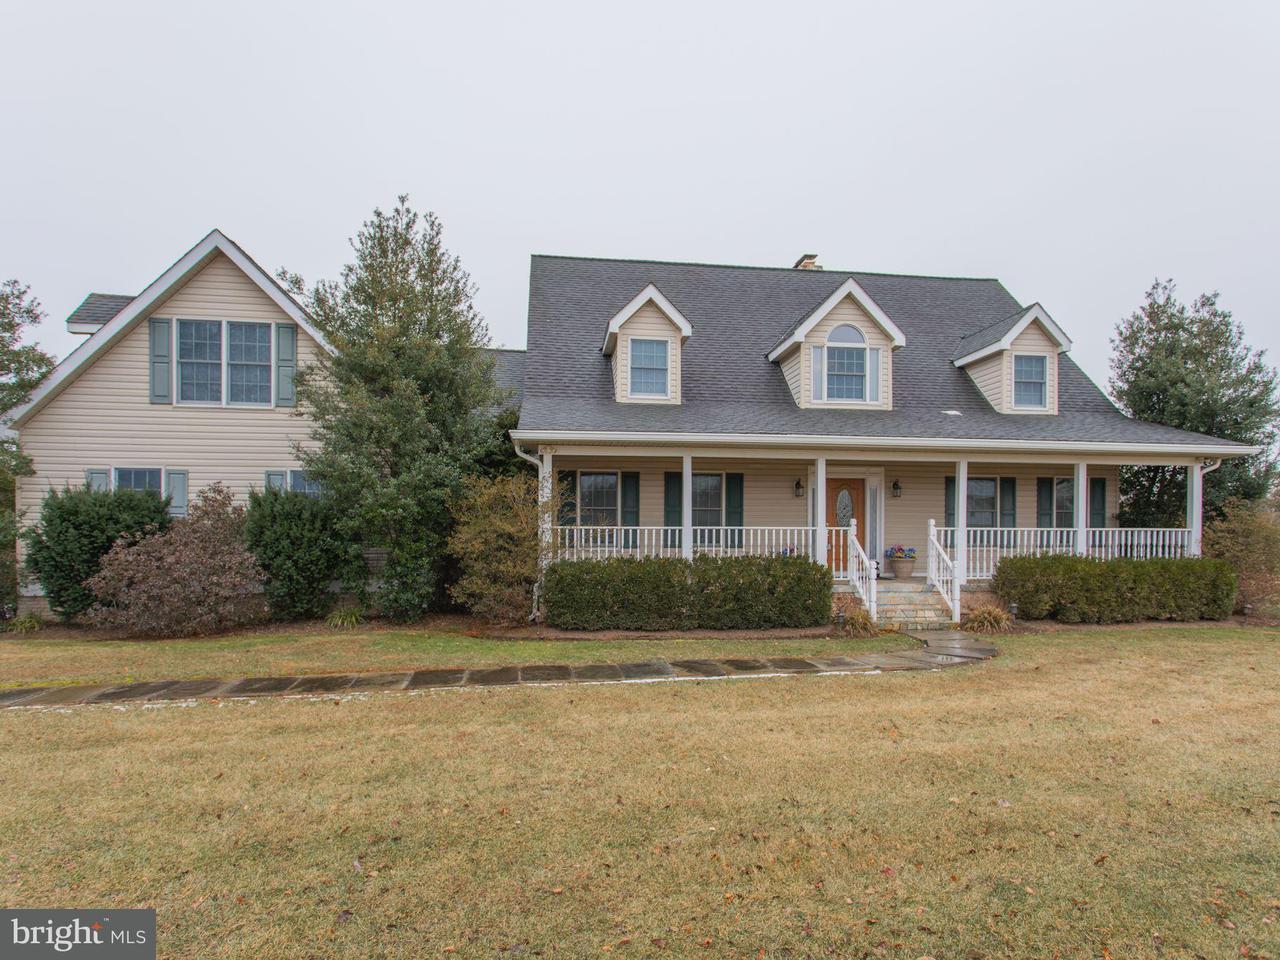 Μονοκατοικία για την Πώληση στο 10432 Adkins Farm Lane 10432 Adkins Farm Lane Catlett, Βιρτζινια 20119 Ηνωμενεσ Πολιτειεσ